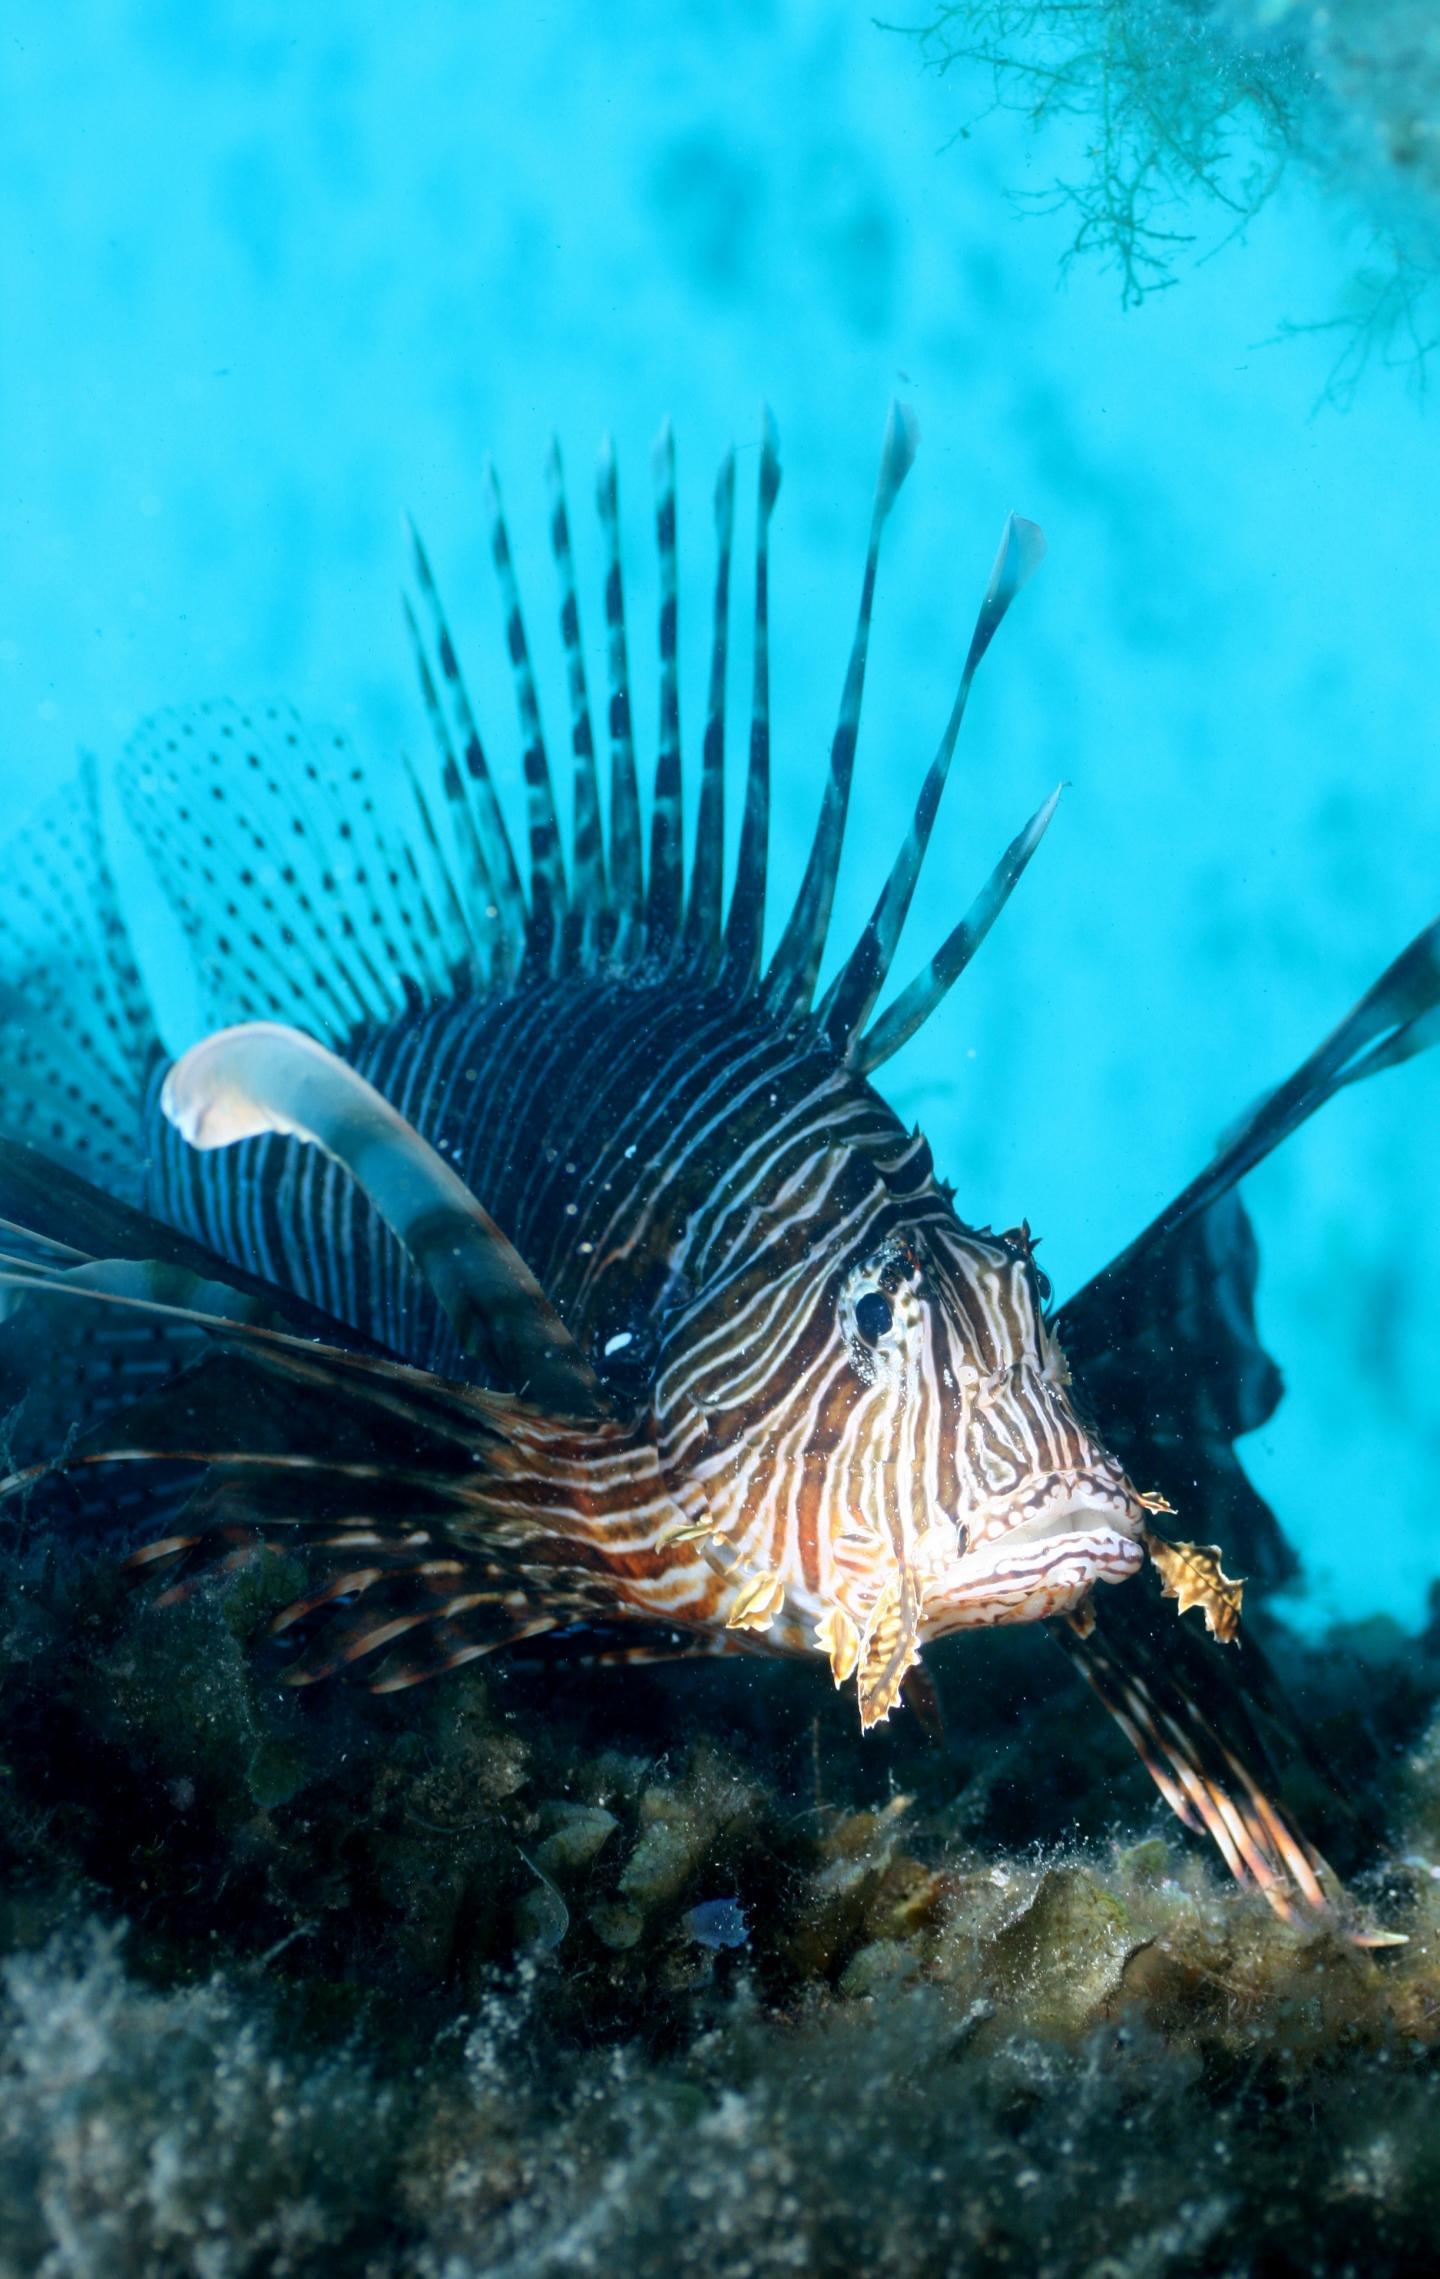 Lionfish in the Mediterranean